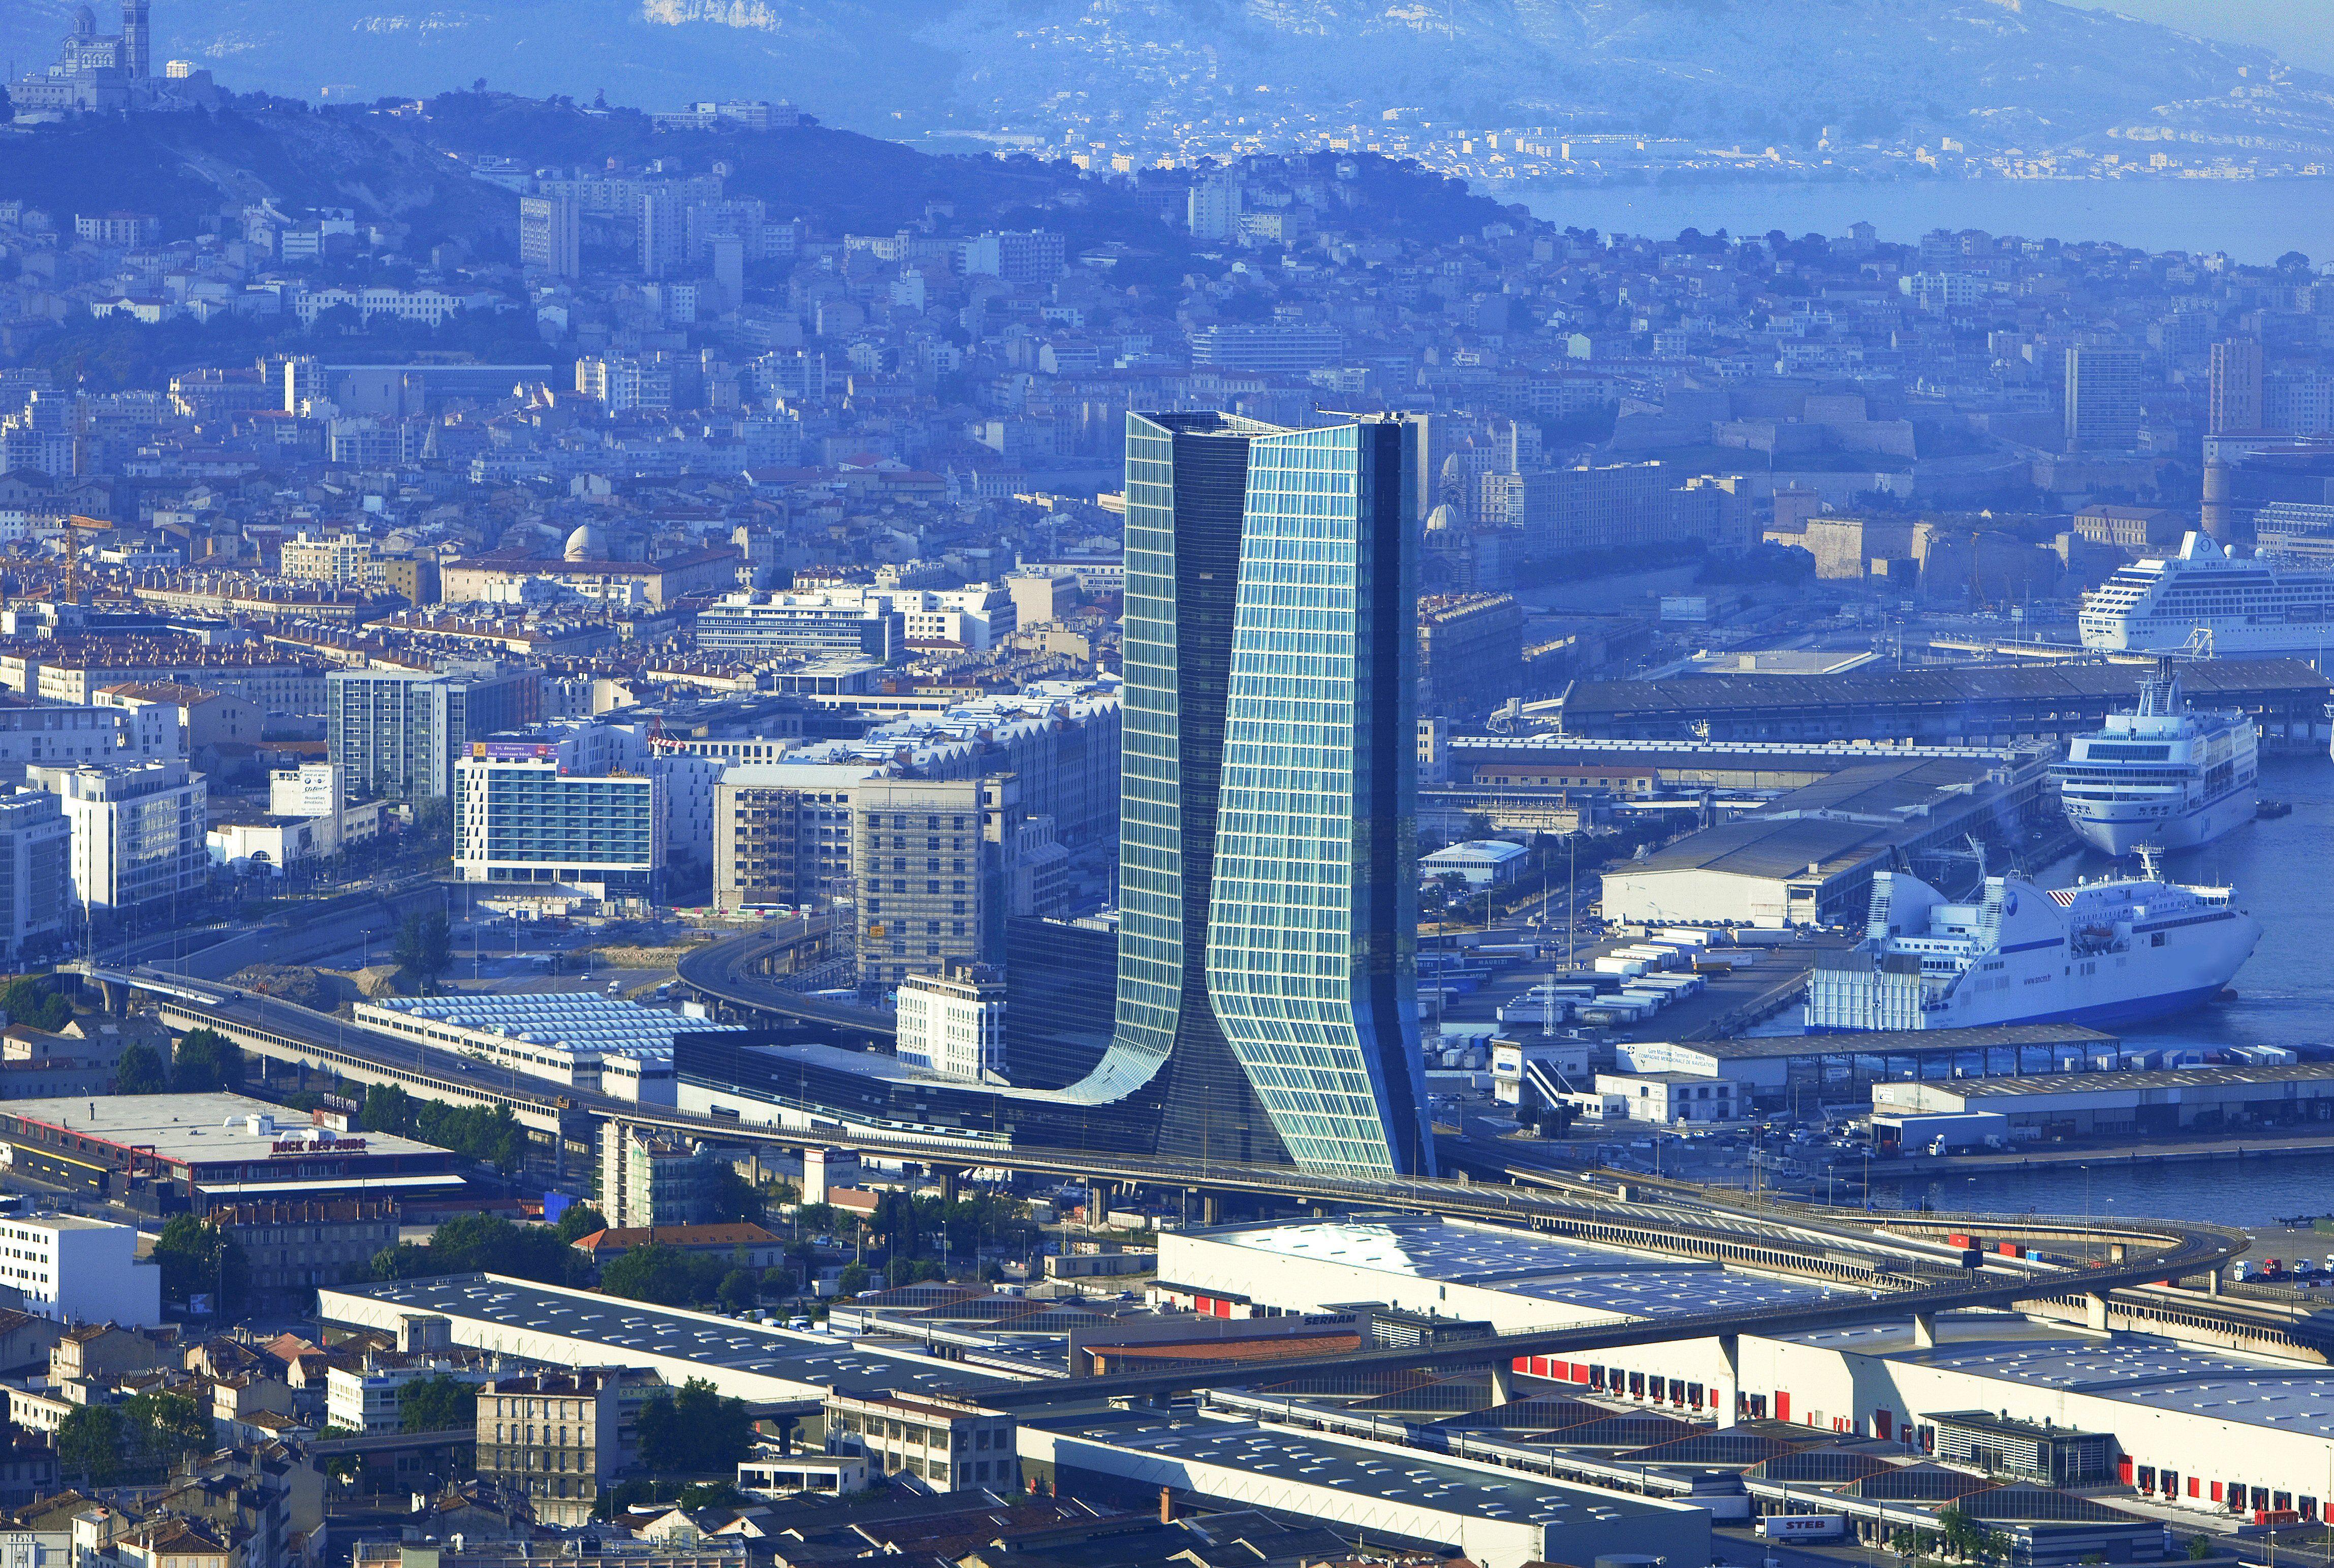 The CMA CGM Tower skyscraper in Marseille, France